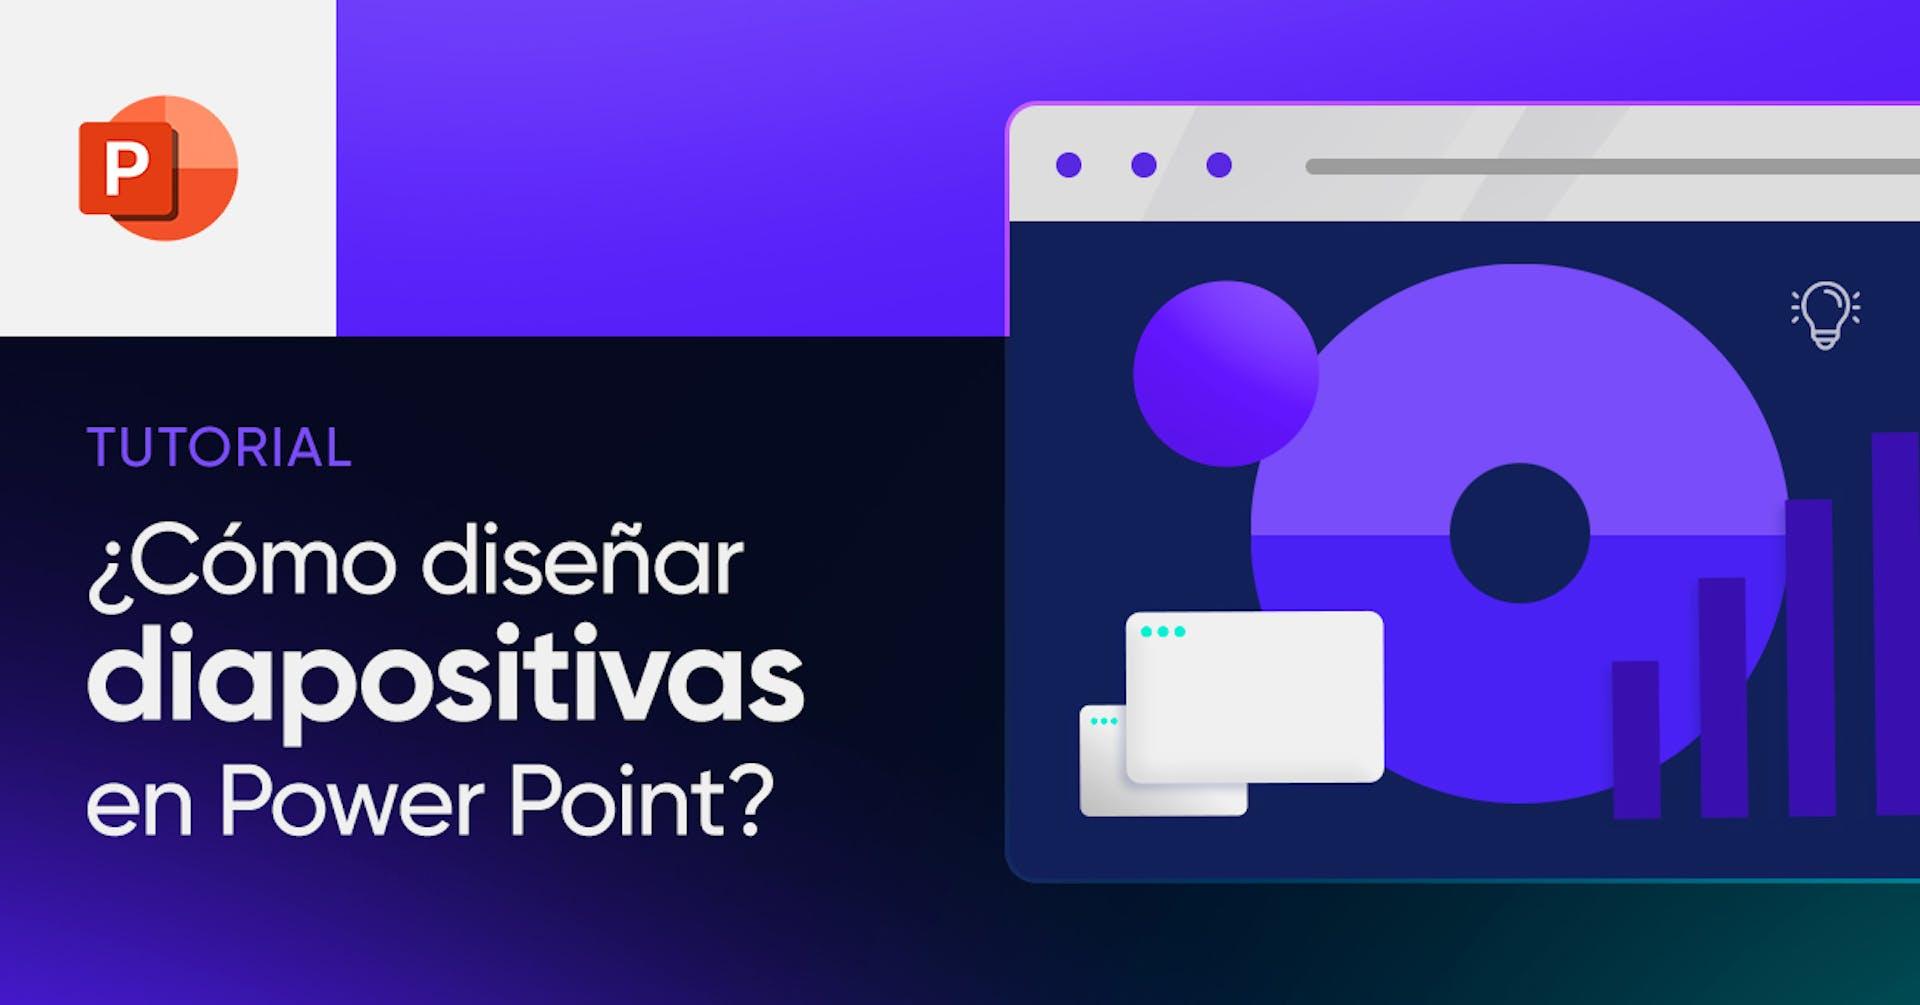 Te enseñamos cómo diseñar diapositivas en Power Point para hacer presentaciones creativas